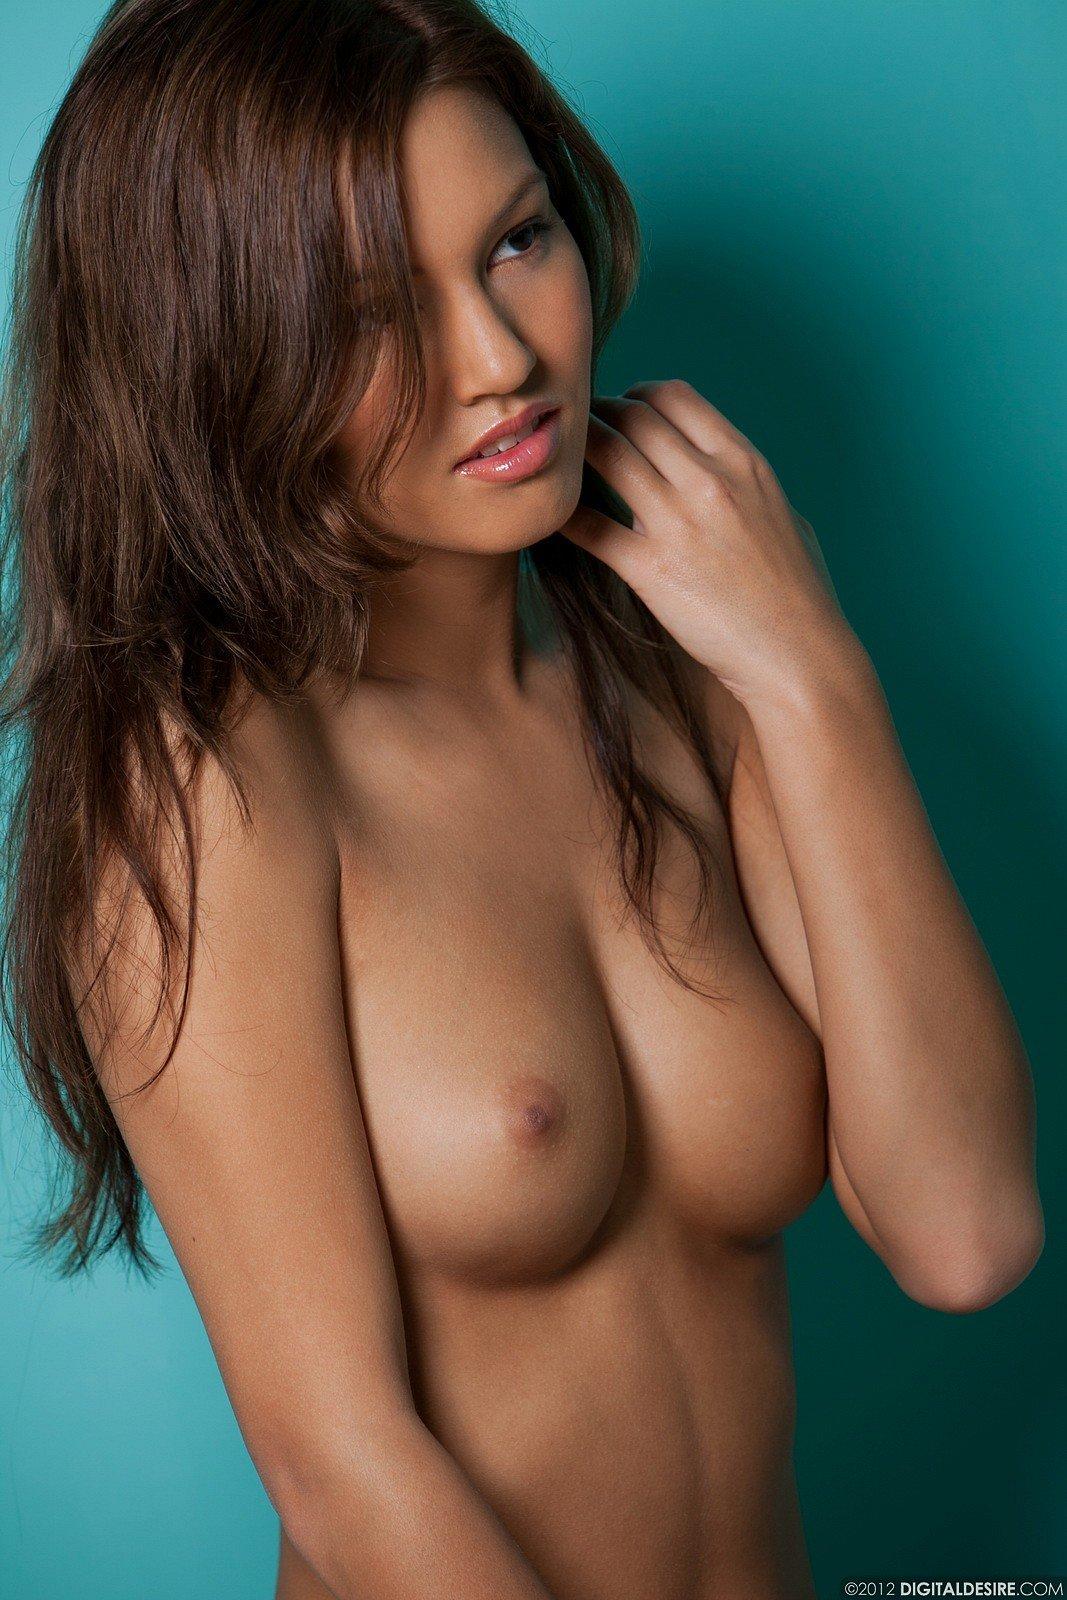 Zdjęcie porno - 09 2 - Cycata brunetka